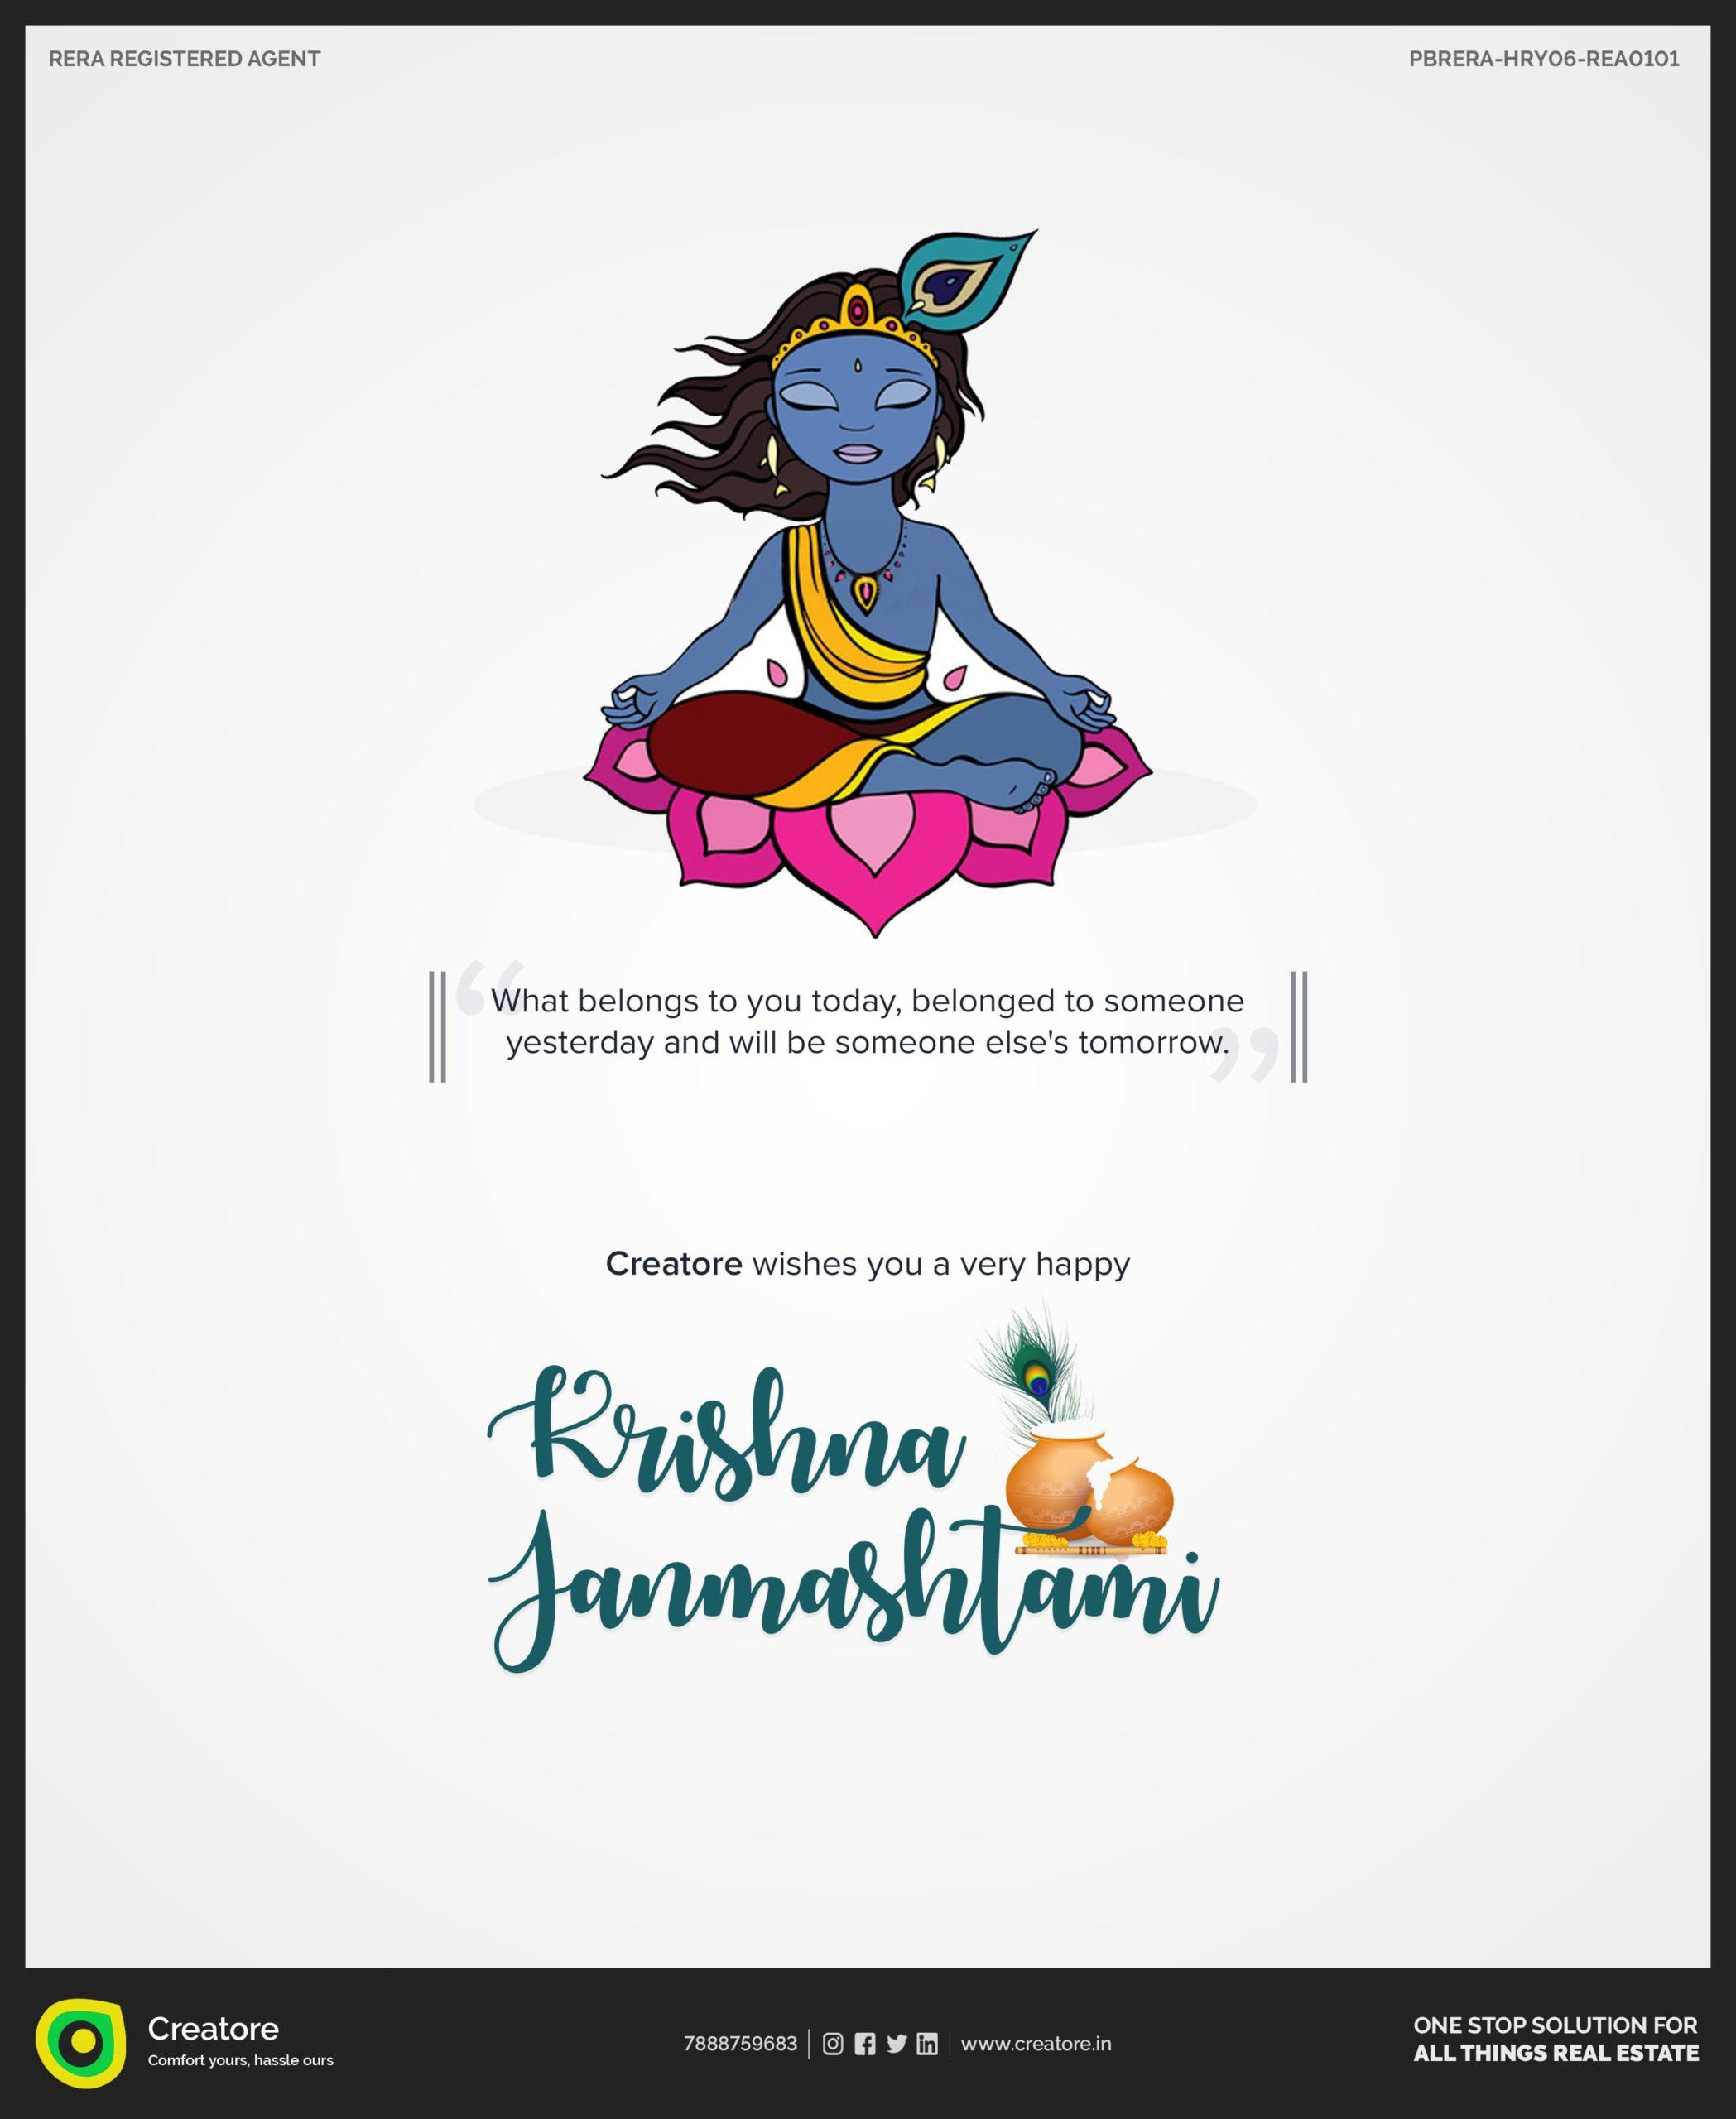 Creative Advertising and Marketing Agency Janamashtami Corporate Greeting